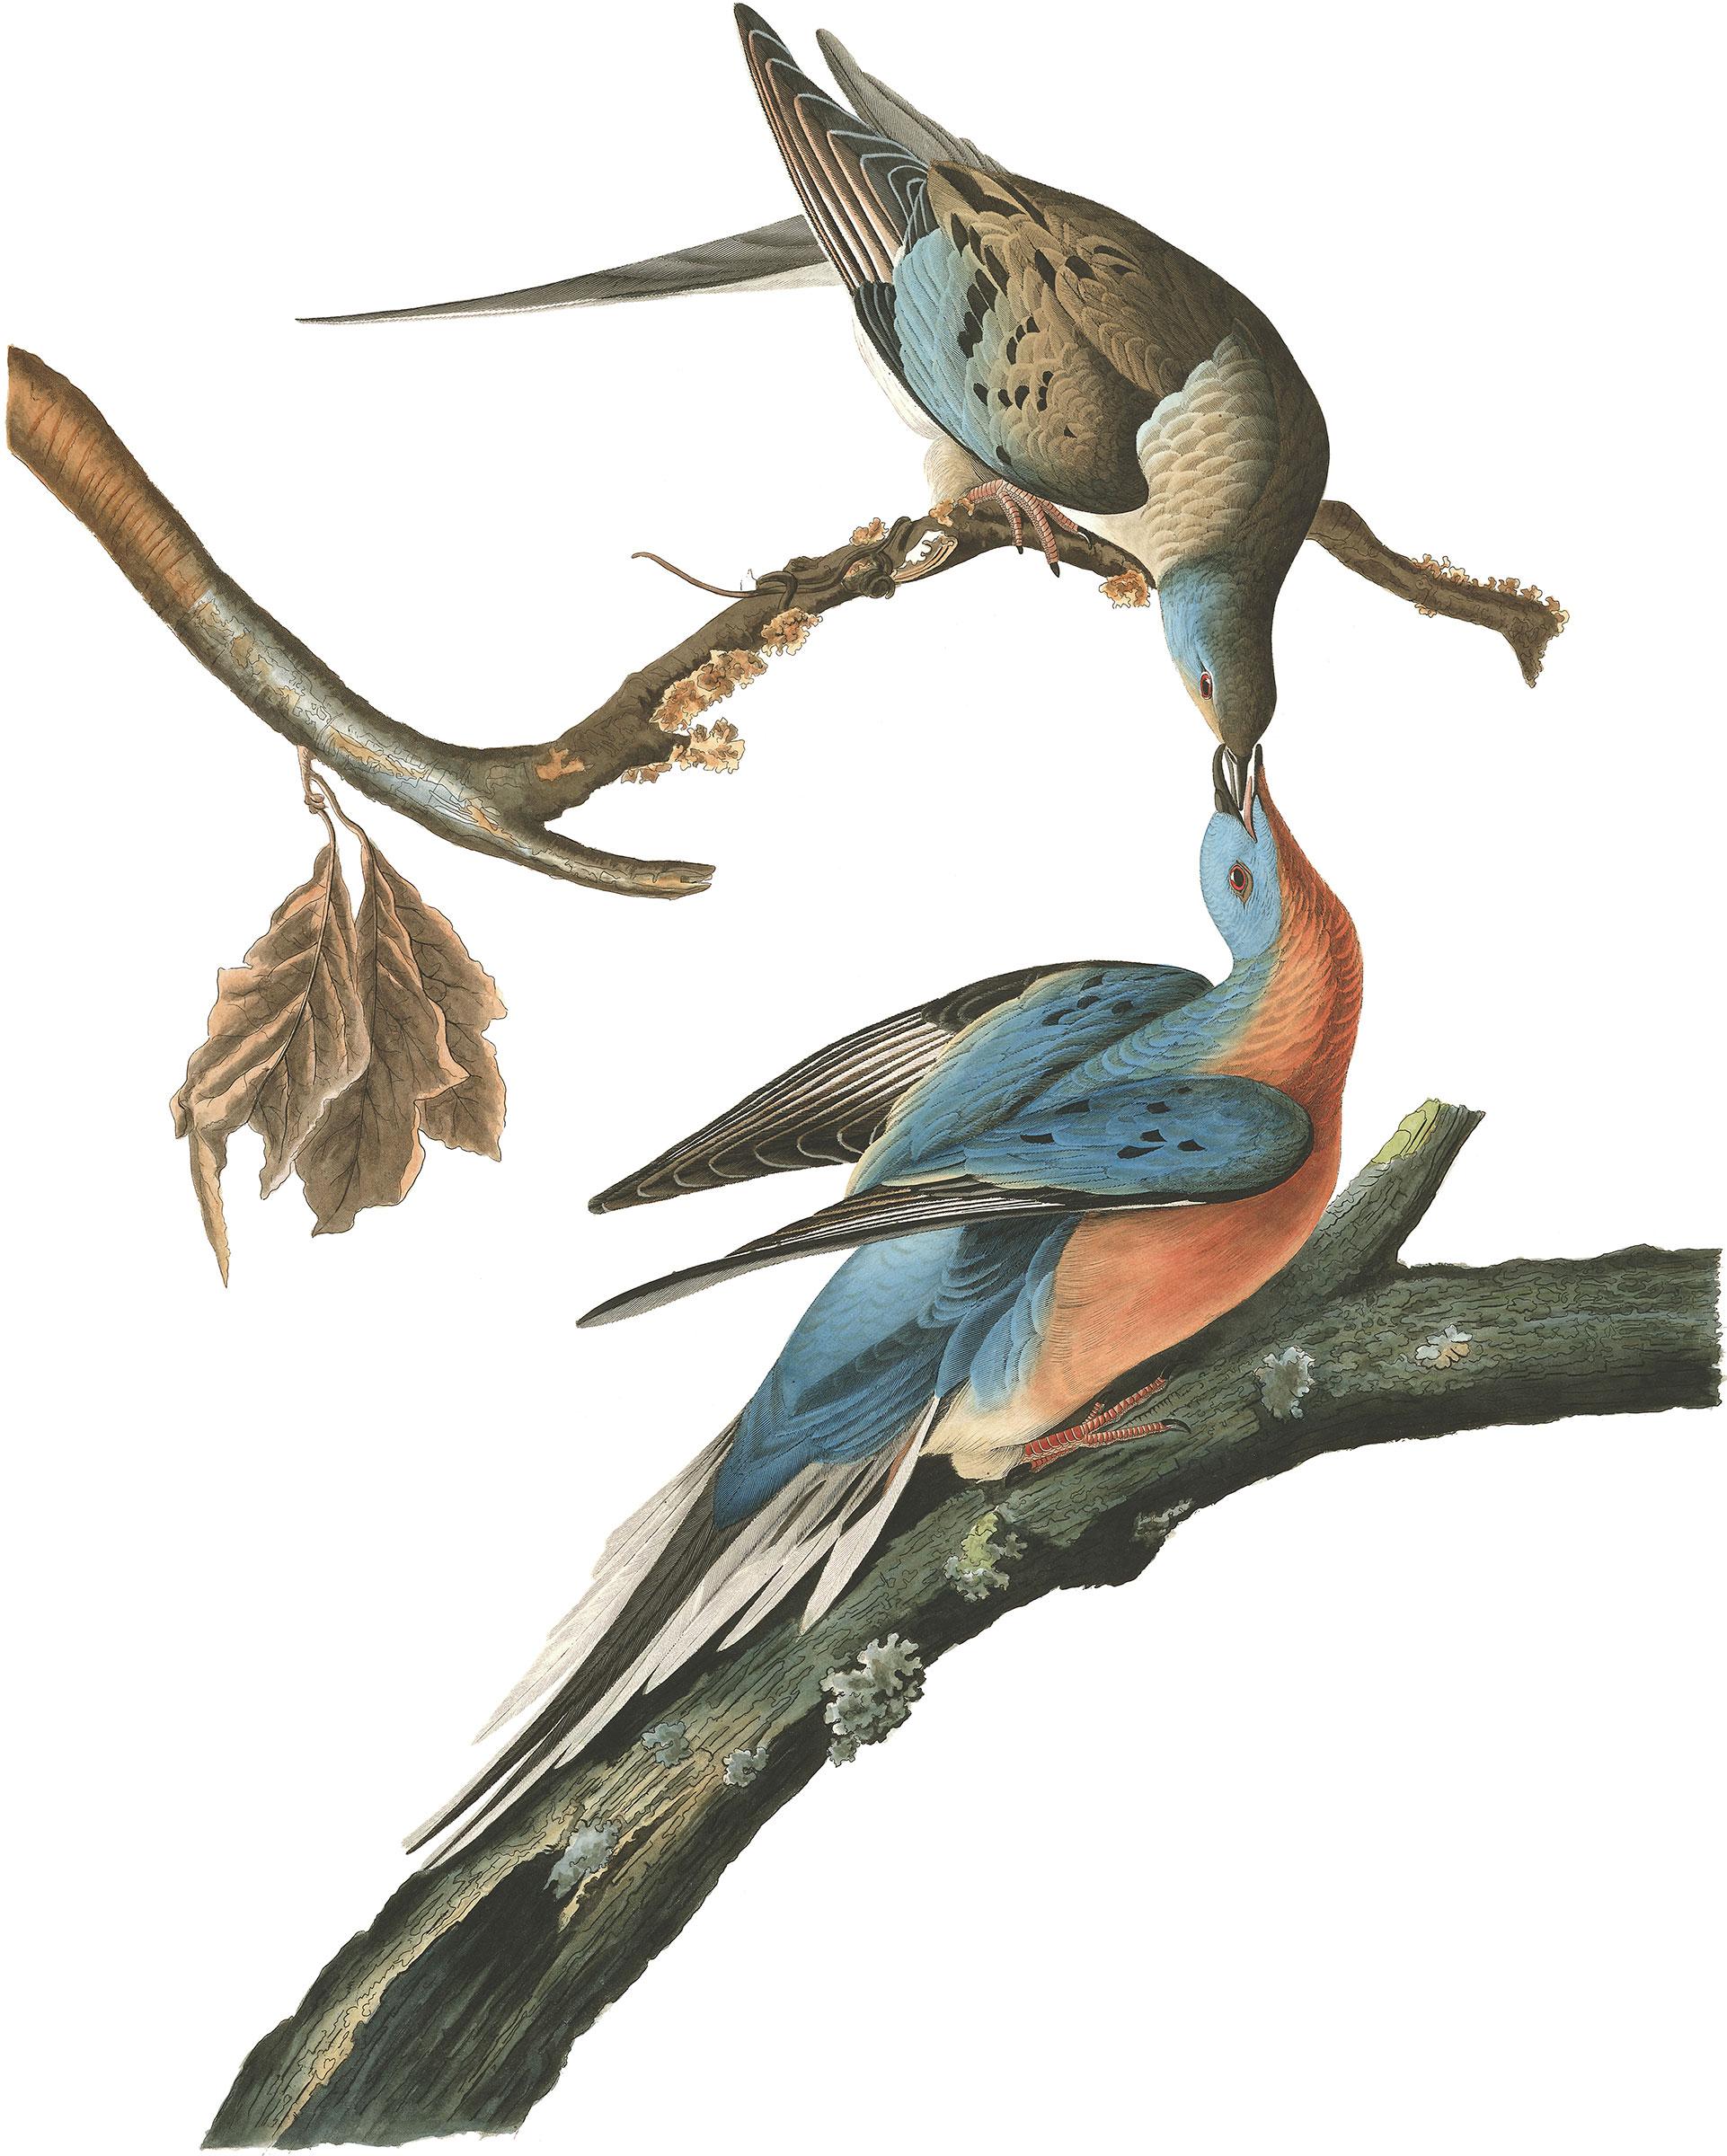 Illustratiion: John James Audubon